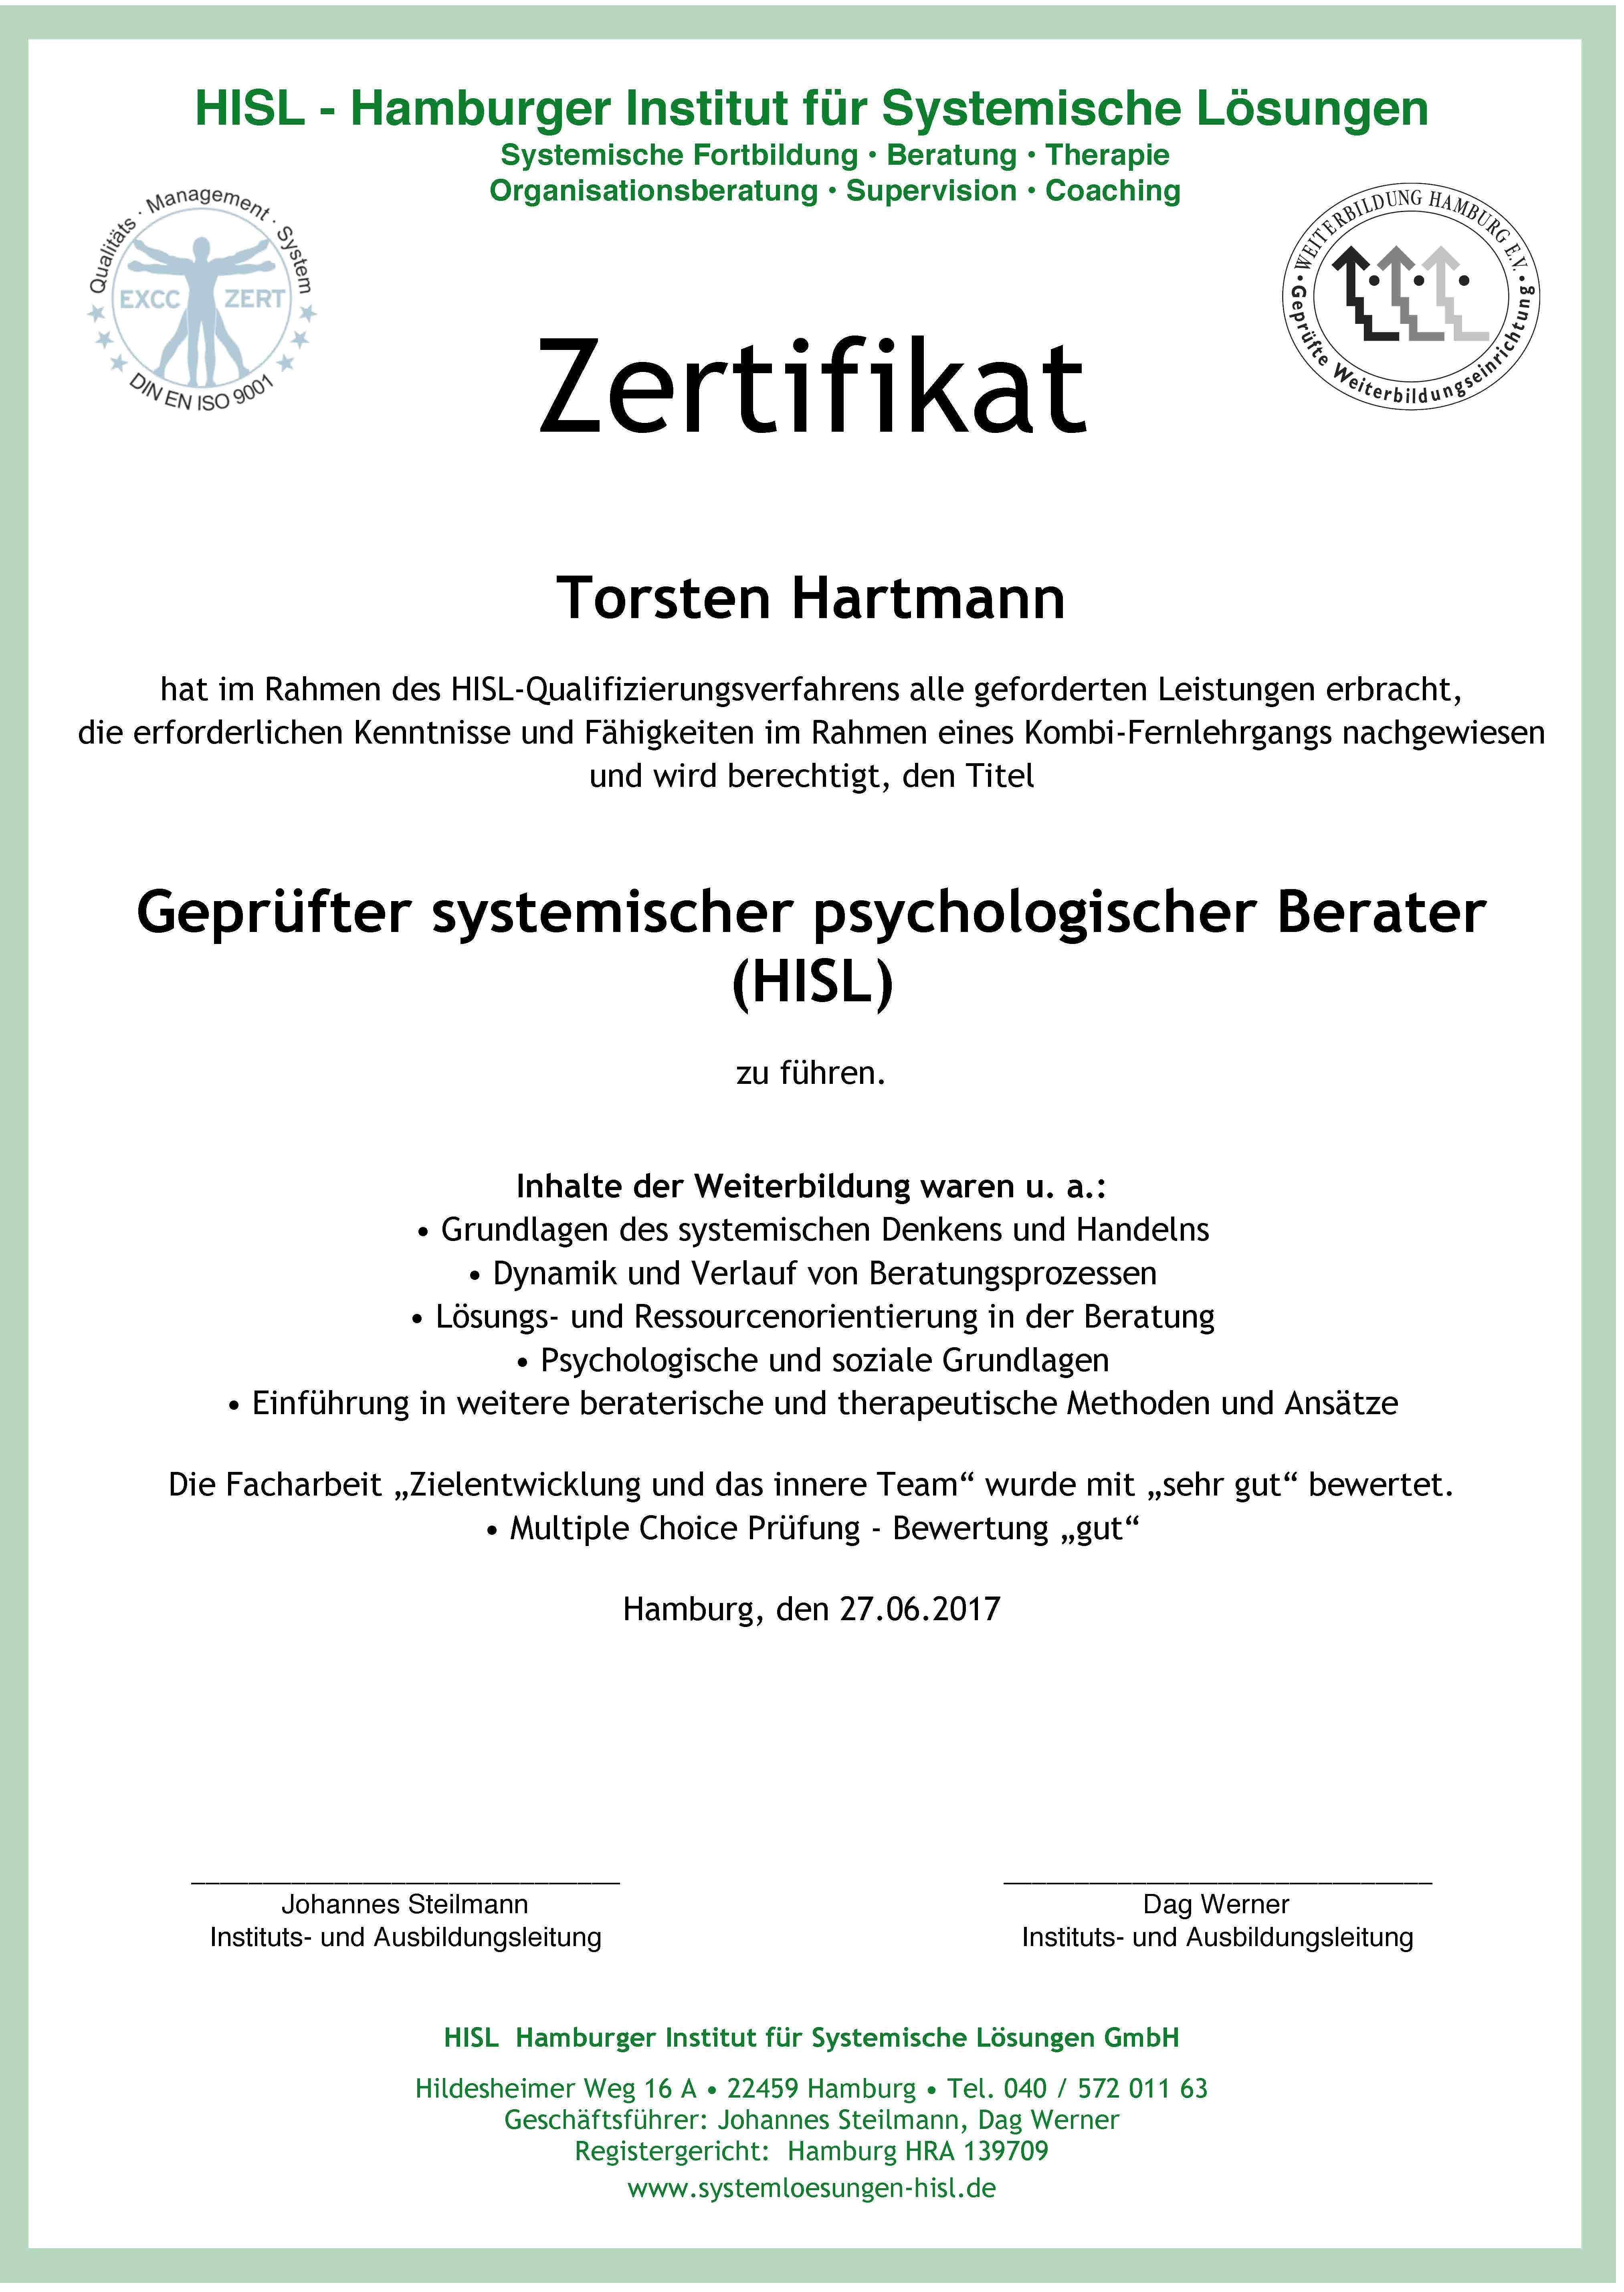 Systemischer psychologischer Berater (KF) - Hamburger Institut für ...